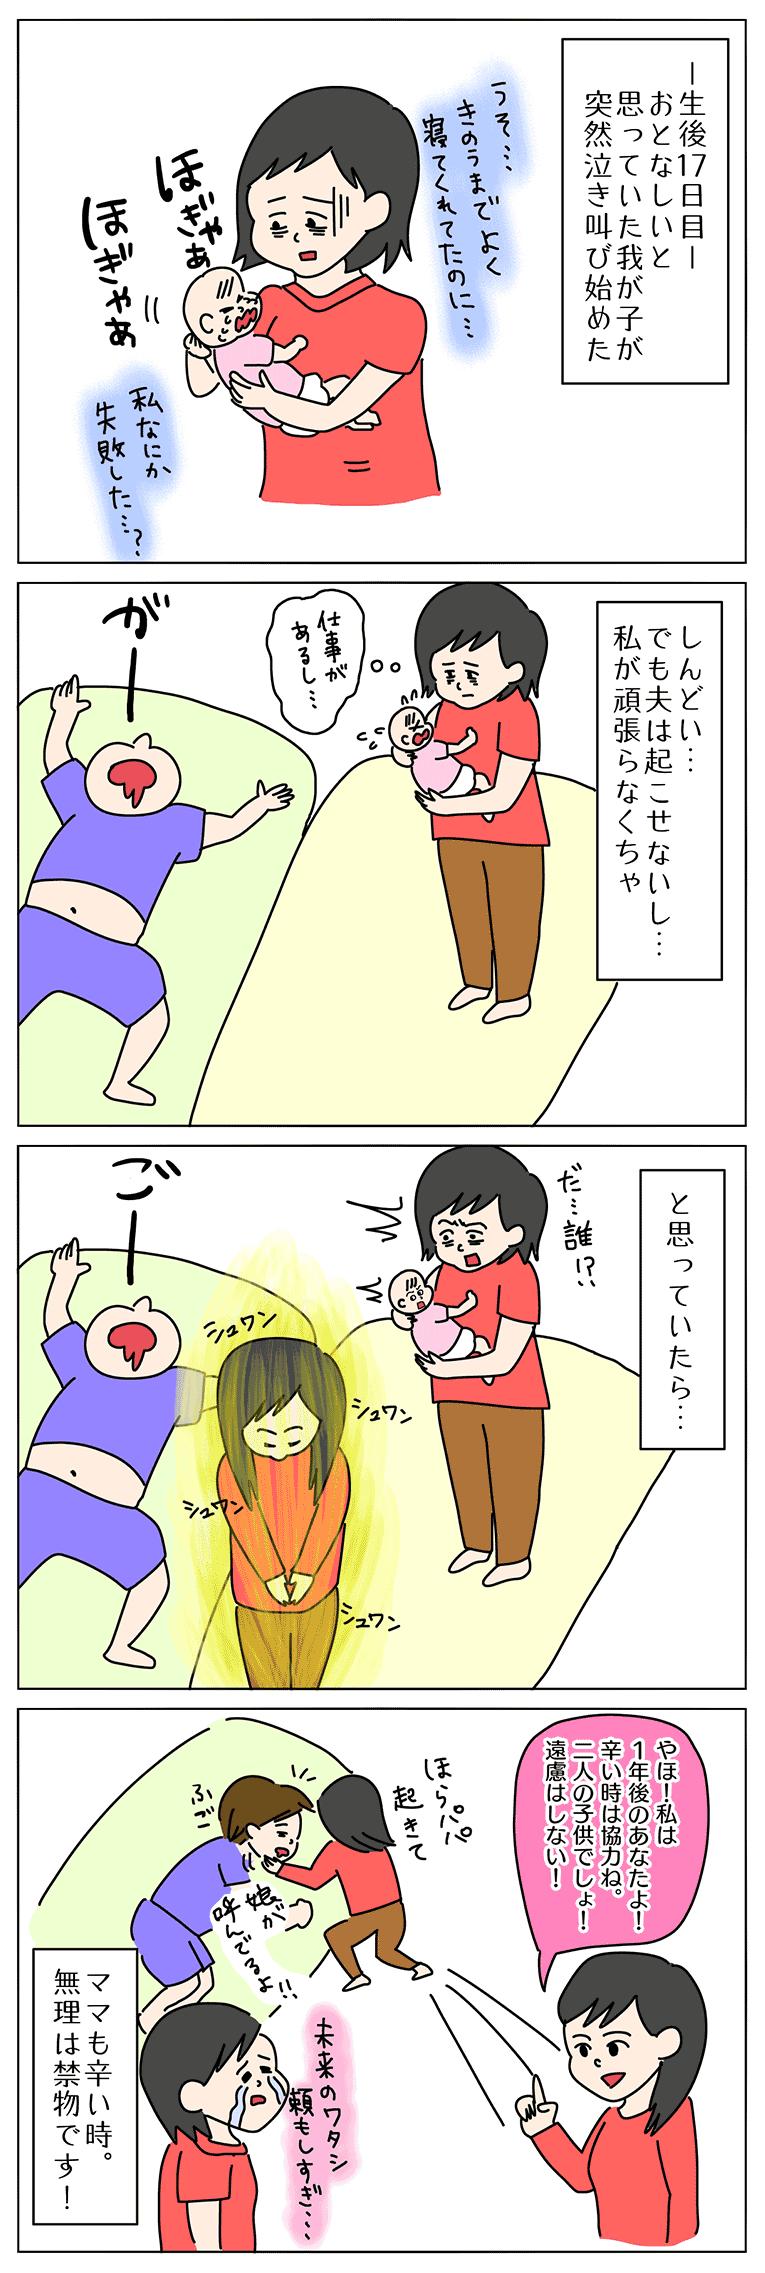 魔の三週目の子育て4コマ漫画